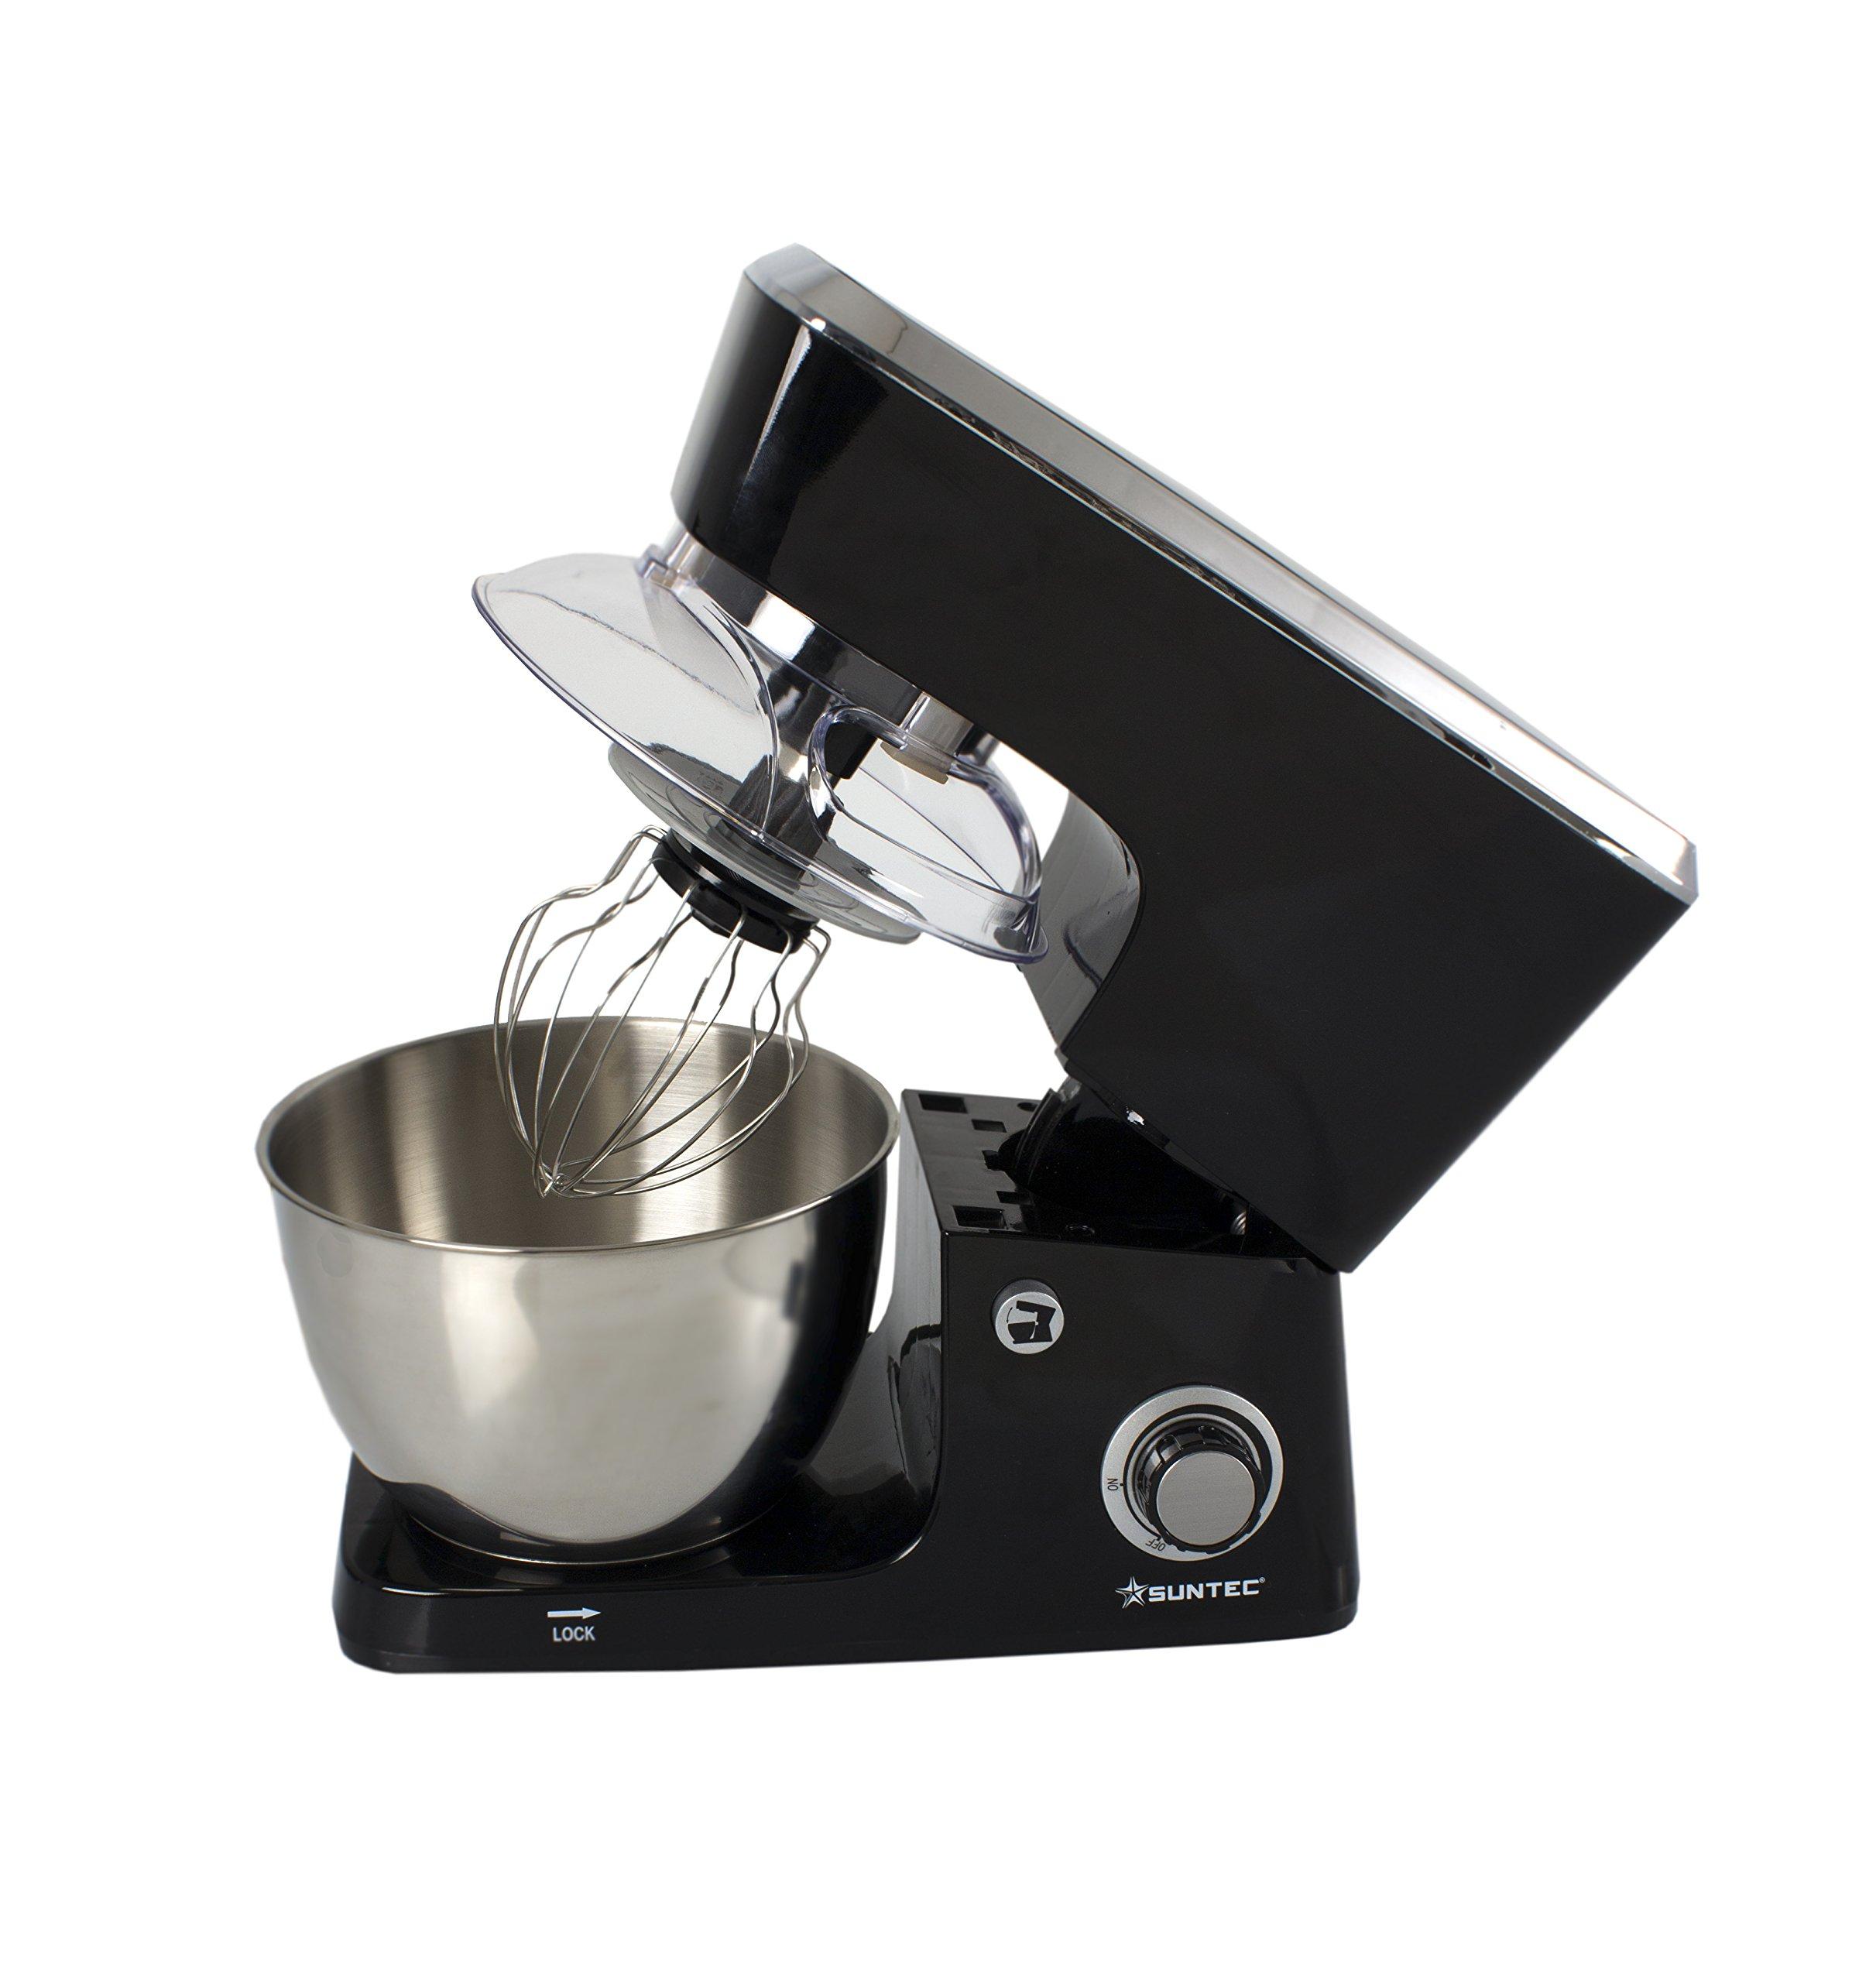 SUNTEC-Kchenmaschine-MIX-9639-Standmixer-mit-Edelstahl-Schssel-35-l-Knethaken-Schneebesen-max-600-Watt